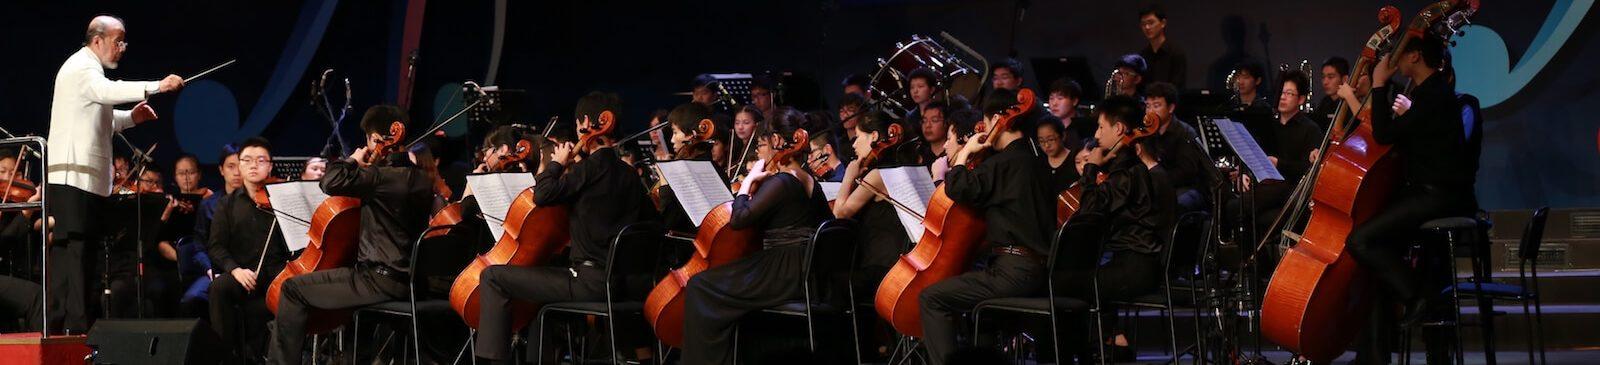 Международный фестиваль-конкурс оркестров